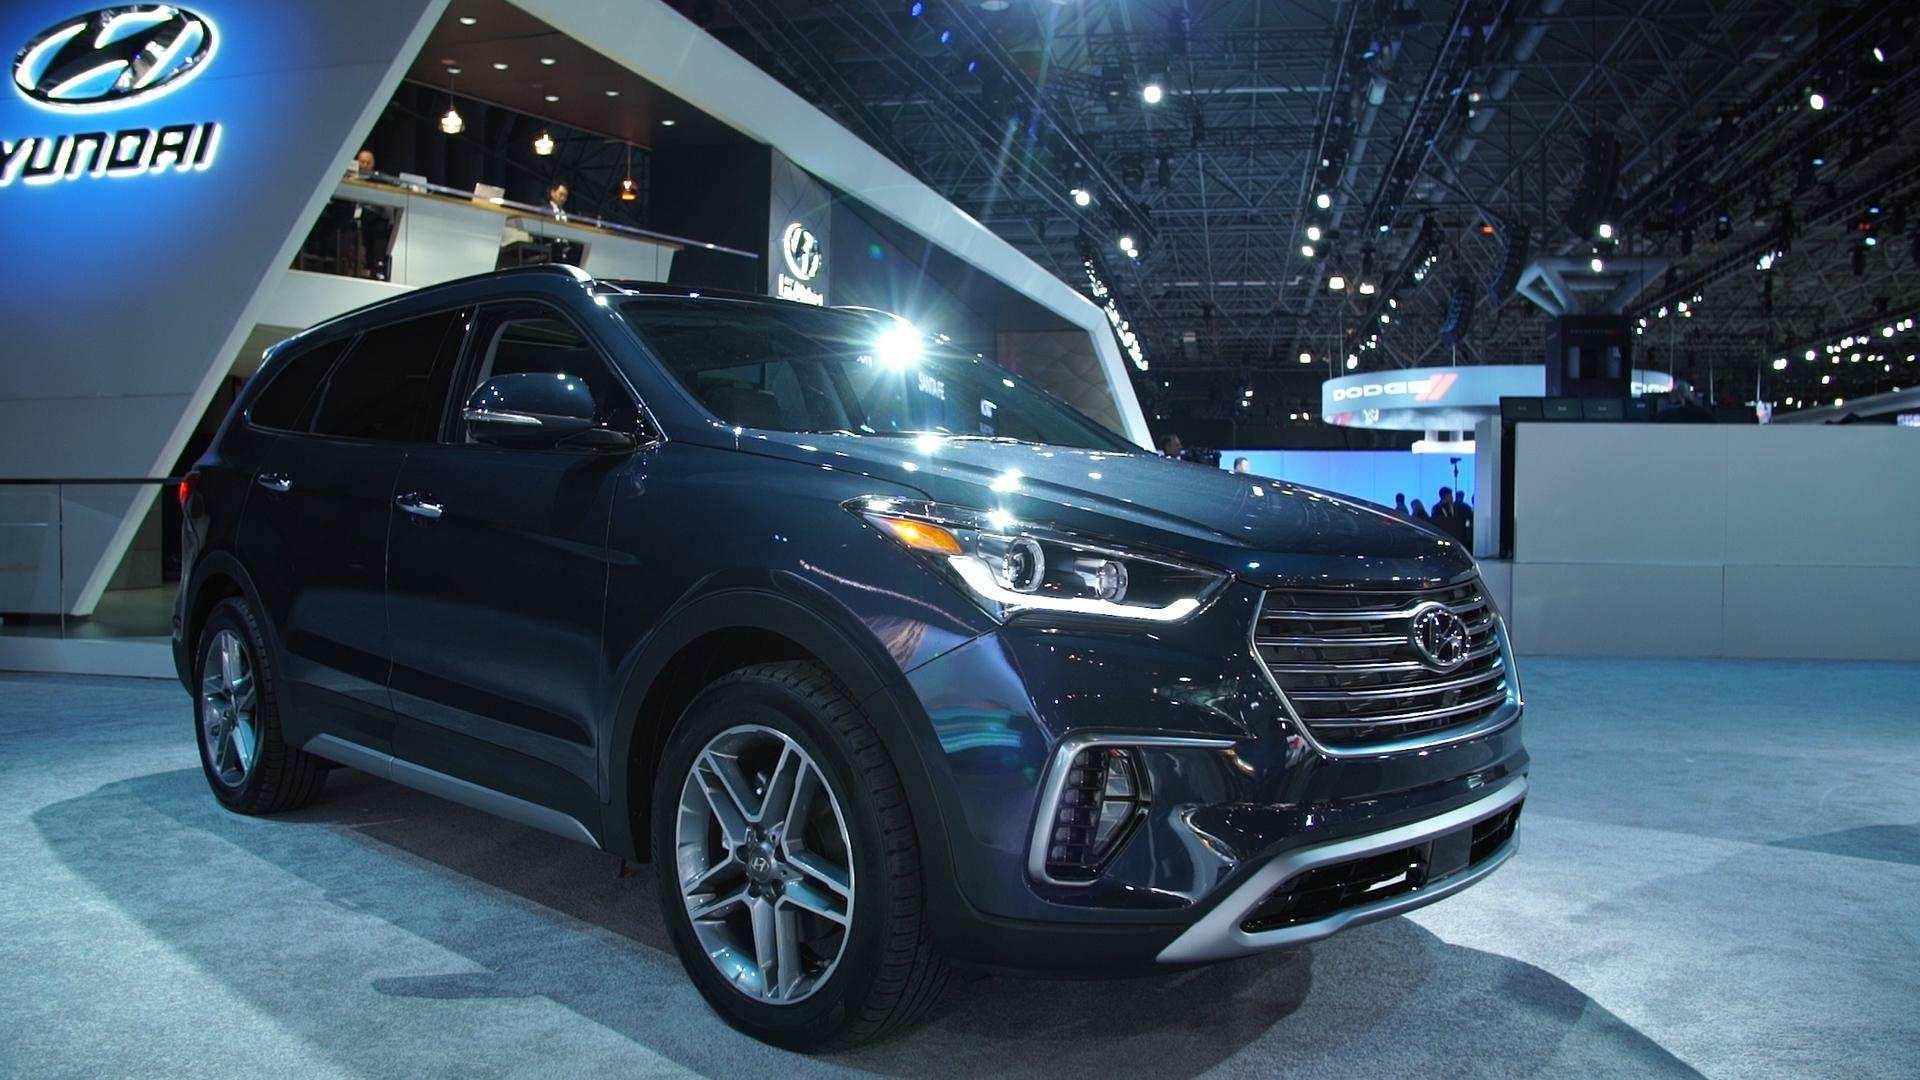 54 Great 2019 Hyundai Santa Fe Pickup Pricing with 2019 Hyundai Santa Fe Pickup